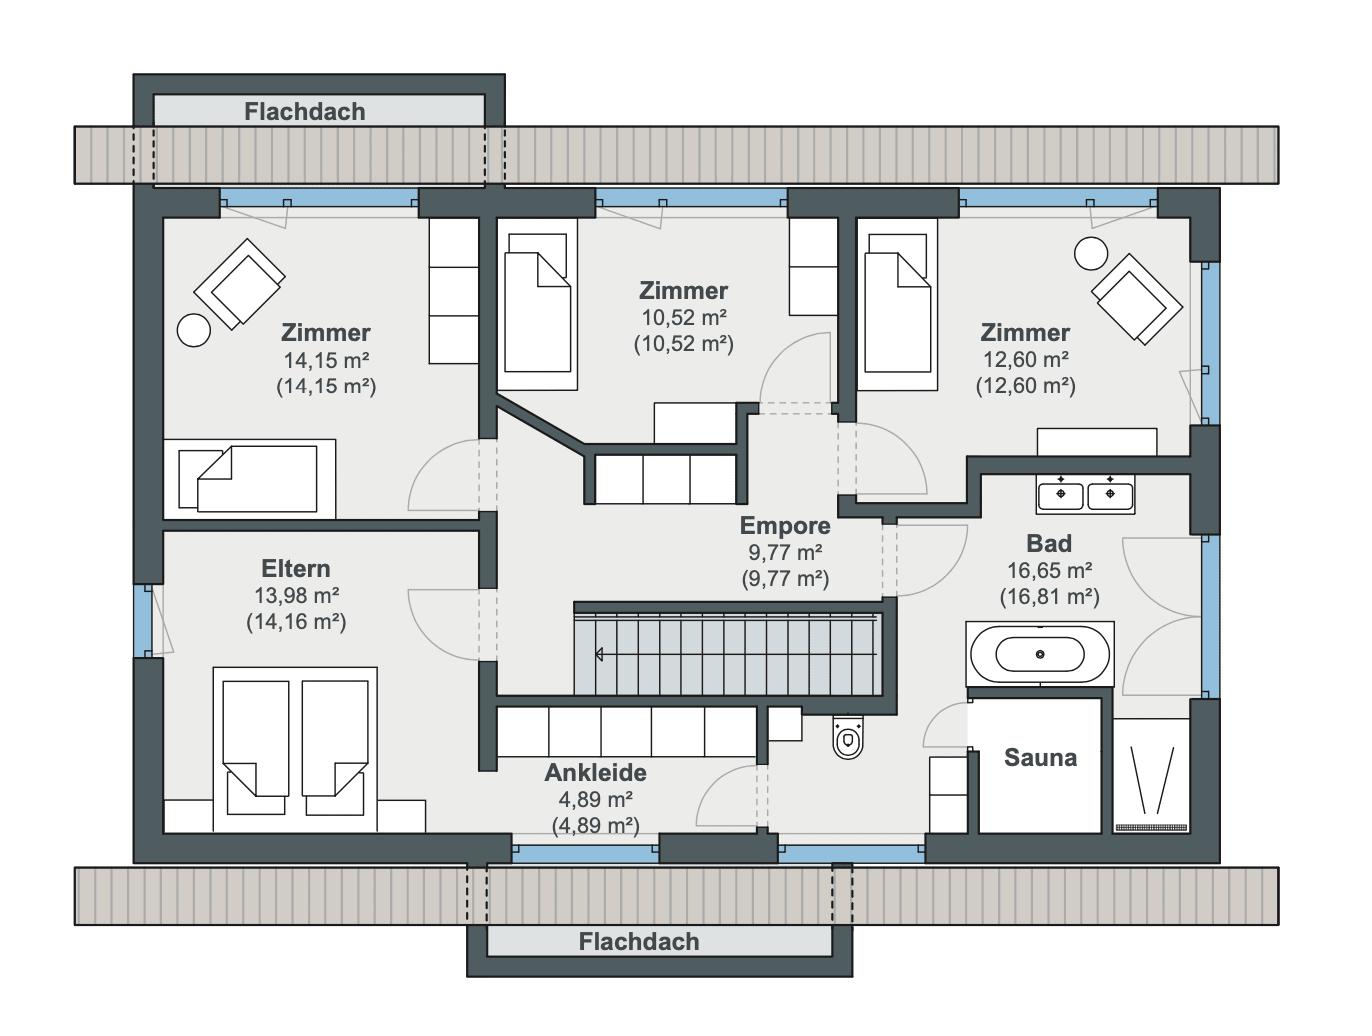 Einfamilienhaus Grundriss Obergeschoss mit Satteldach, 3 Kinderzimmer & gerade Treppe - Haus Design Ideen Modernes Landhaus WeberHaus Fertighaus - HausbauDirekt.de